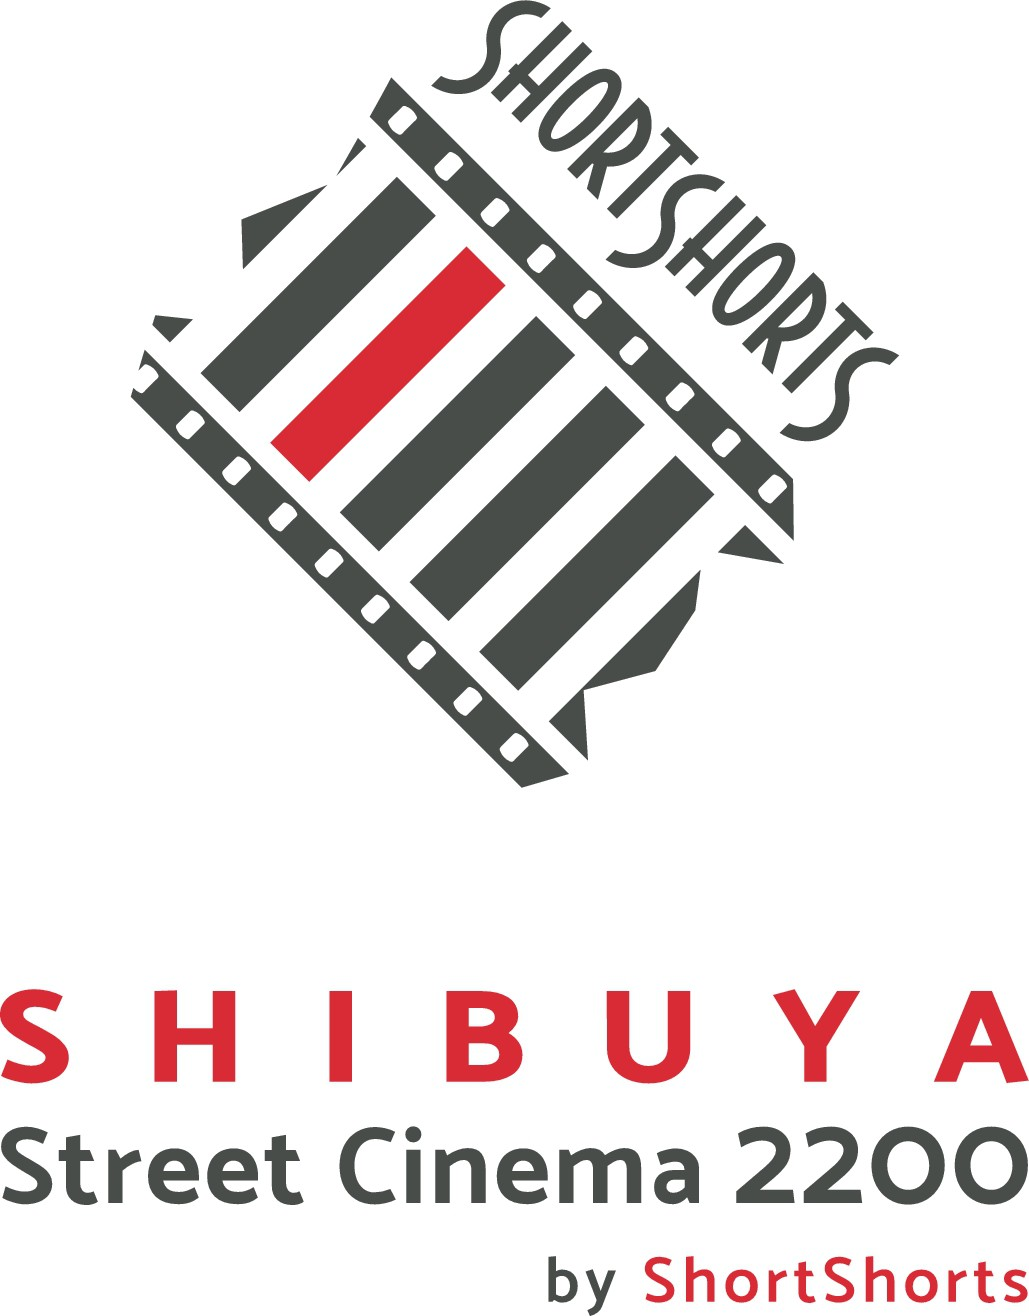 SHIBUYA STREET CINEMA 2200 by ShortShorts